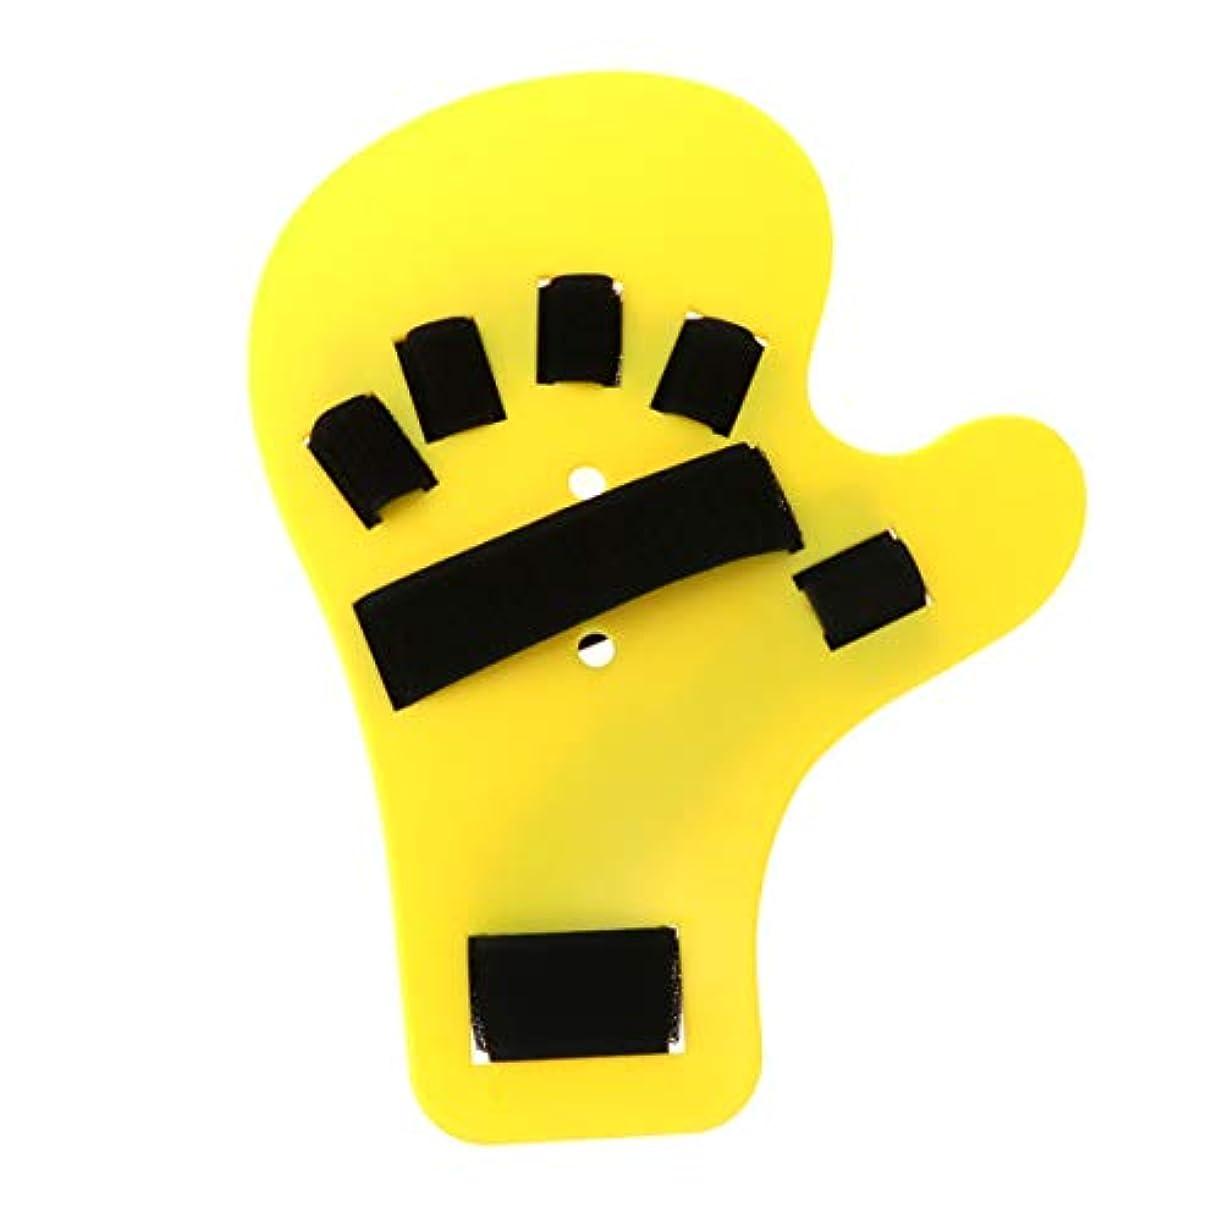 振る舞うにじみ出る免除するSUPVOX 指装具指板ストロークハンドスプリントトレーニングサポートハンド手首トレーニング右手用装具デバイス